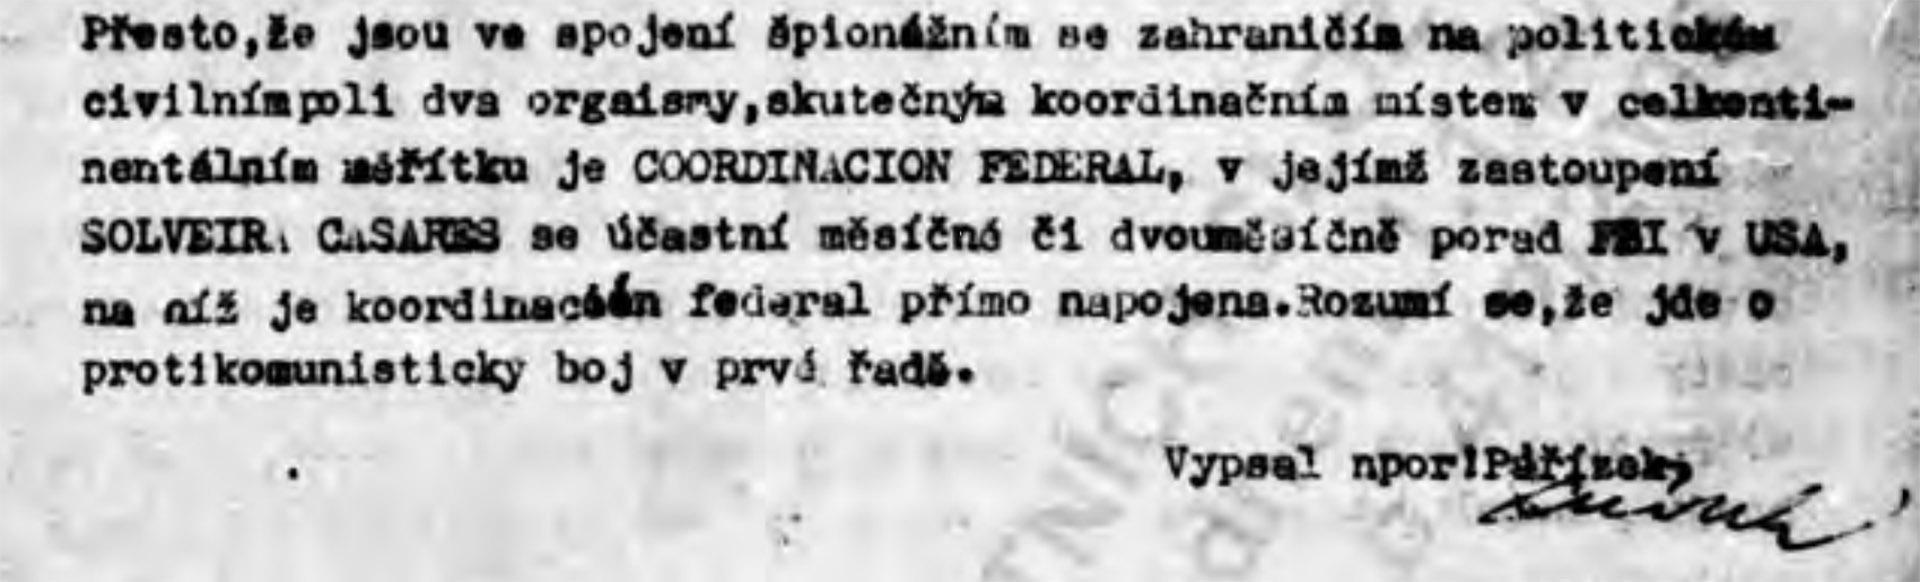 Párrafo del informe de la Inteligencia checoslovaca